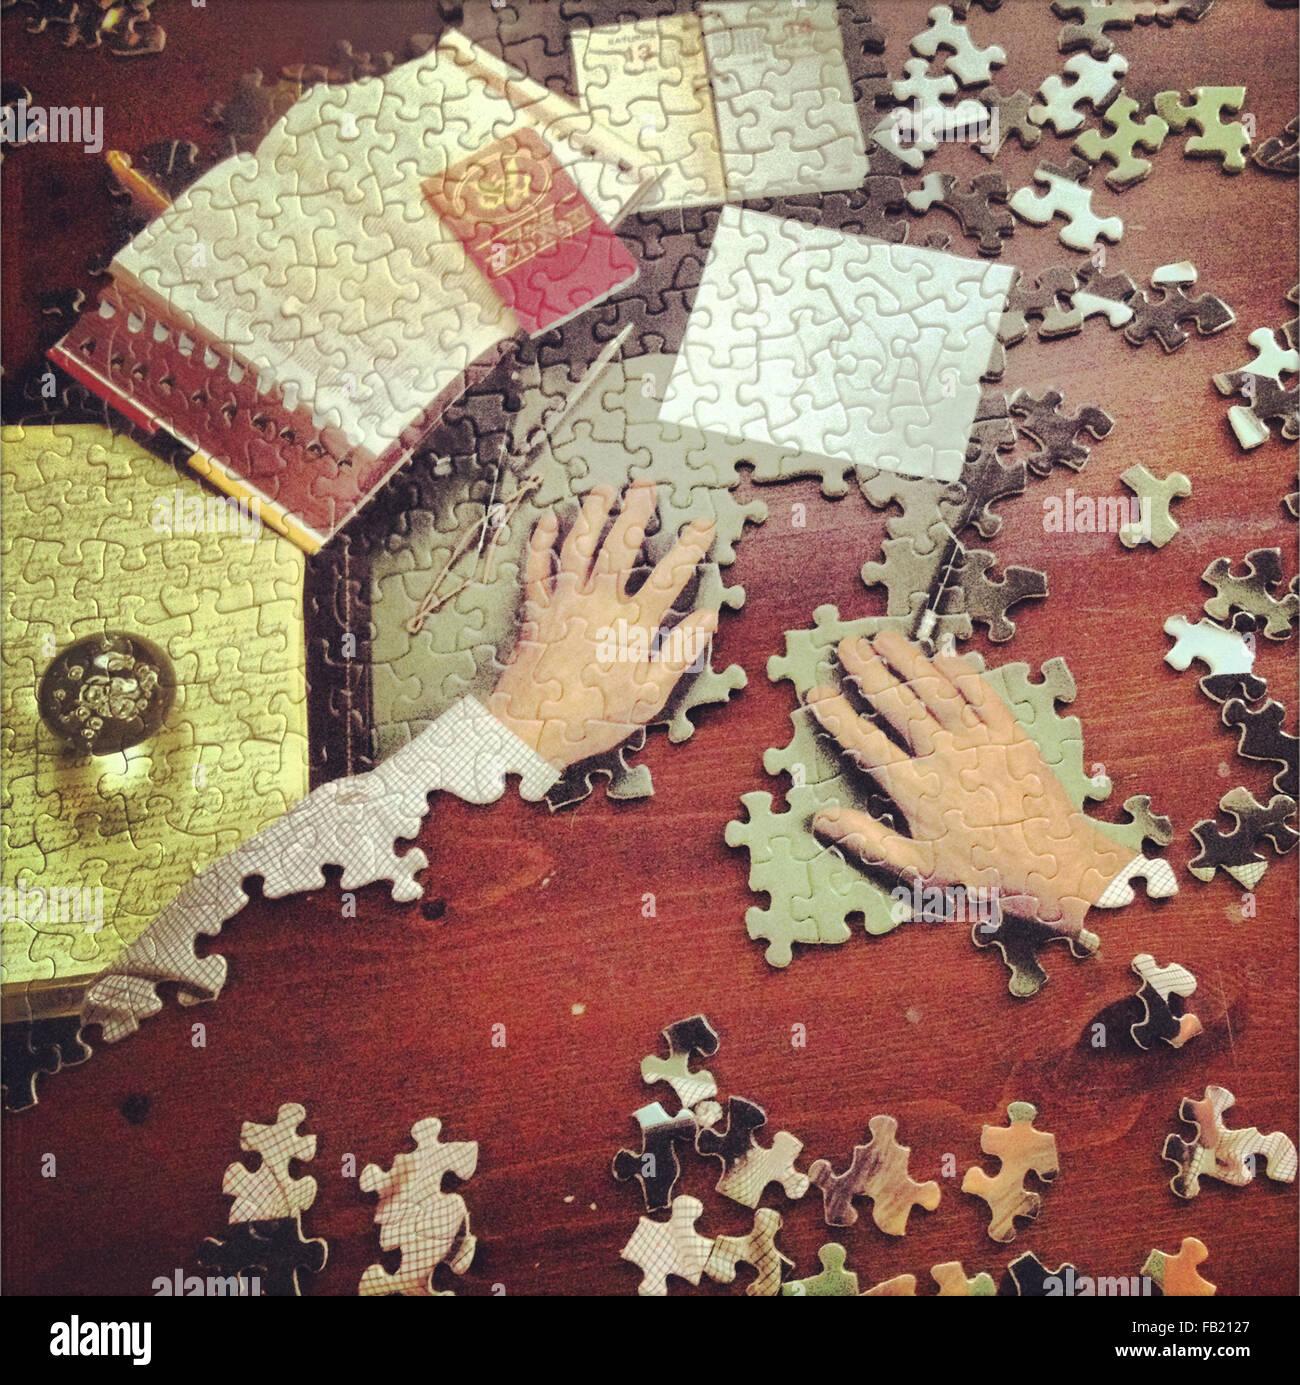 Puzzle partiellement rempli de mains Photo Stock